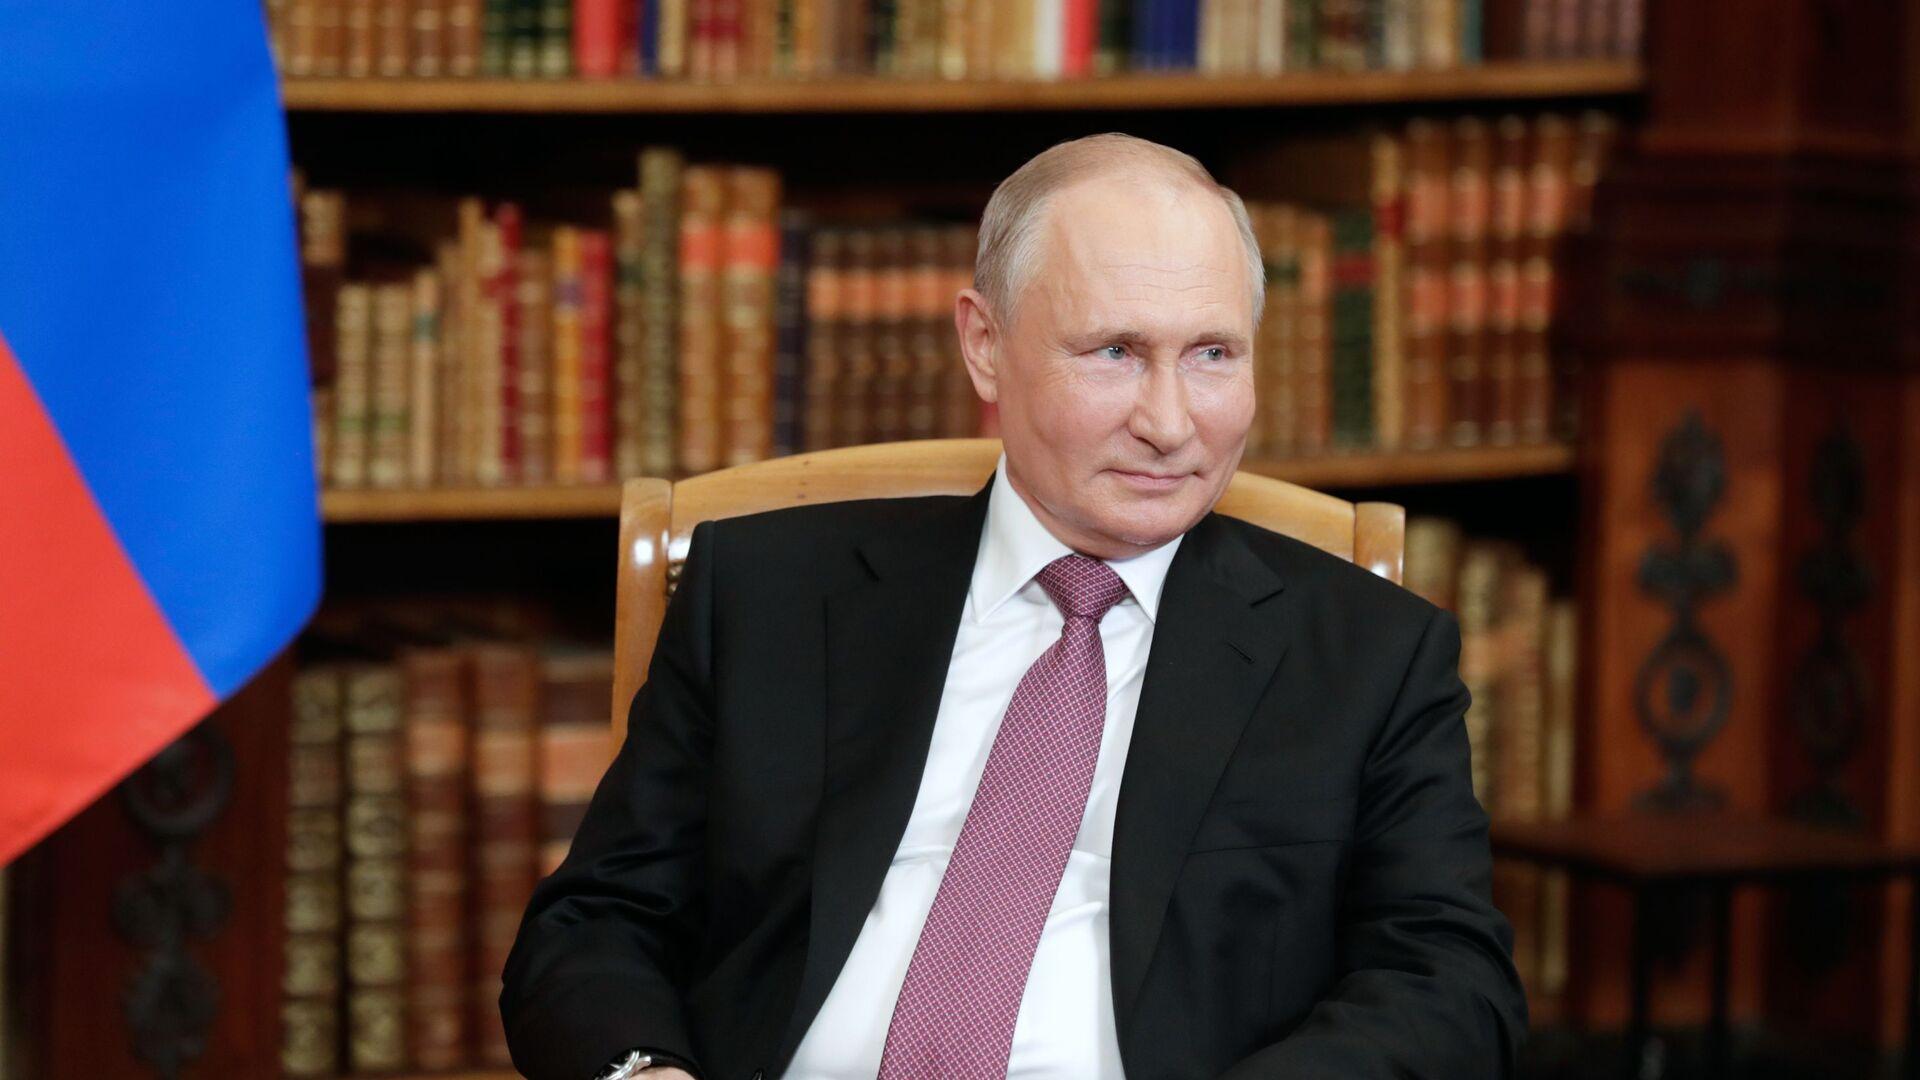 Ruský prezident Vladimir Putin na jednáních s americkým prezidentem Joe Bidenem v Ženevě - Sputnik Česká republika, 1920, 19.06.2021